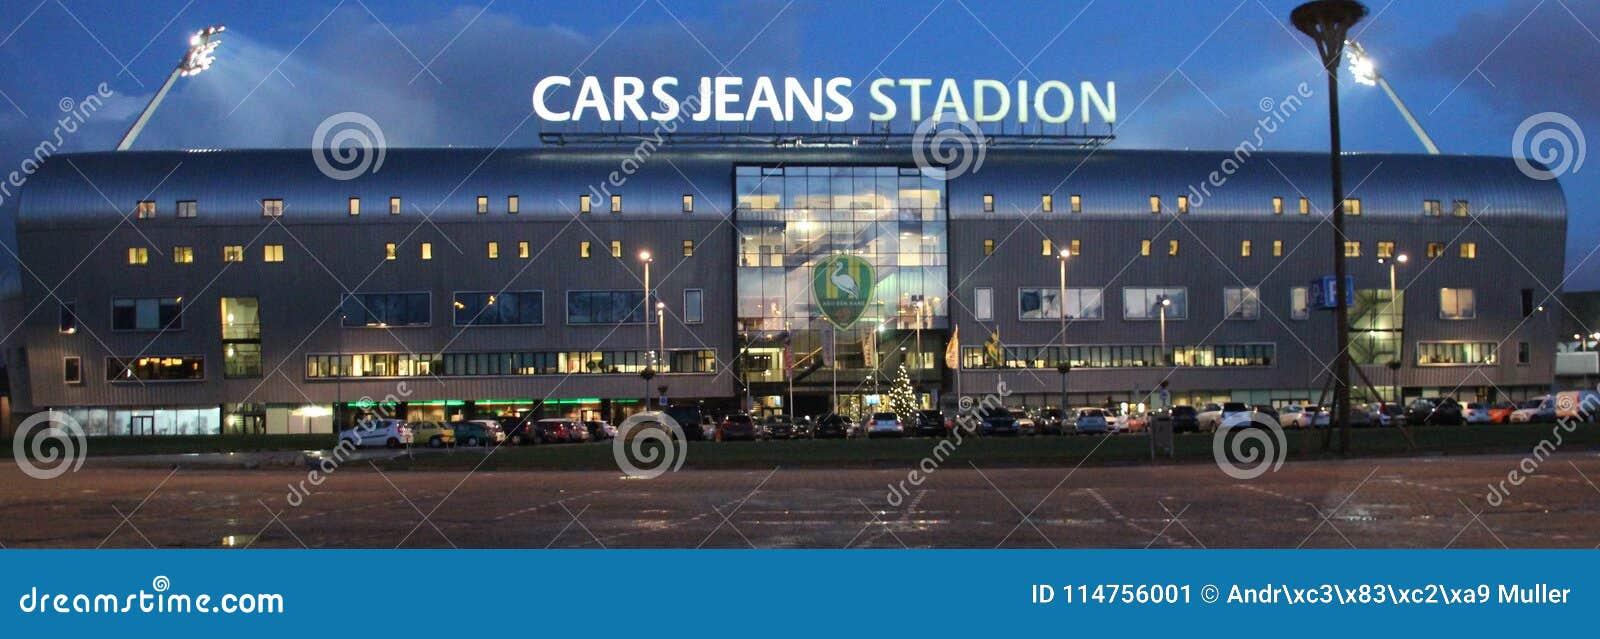 Jeans de voitures de stade de football à la Haye, maison de l AGITATION Den Haag qui joue dans l Eredivisie néerlandais avec des